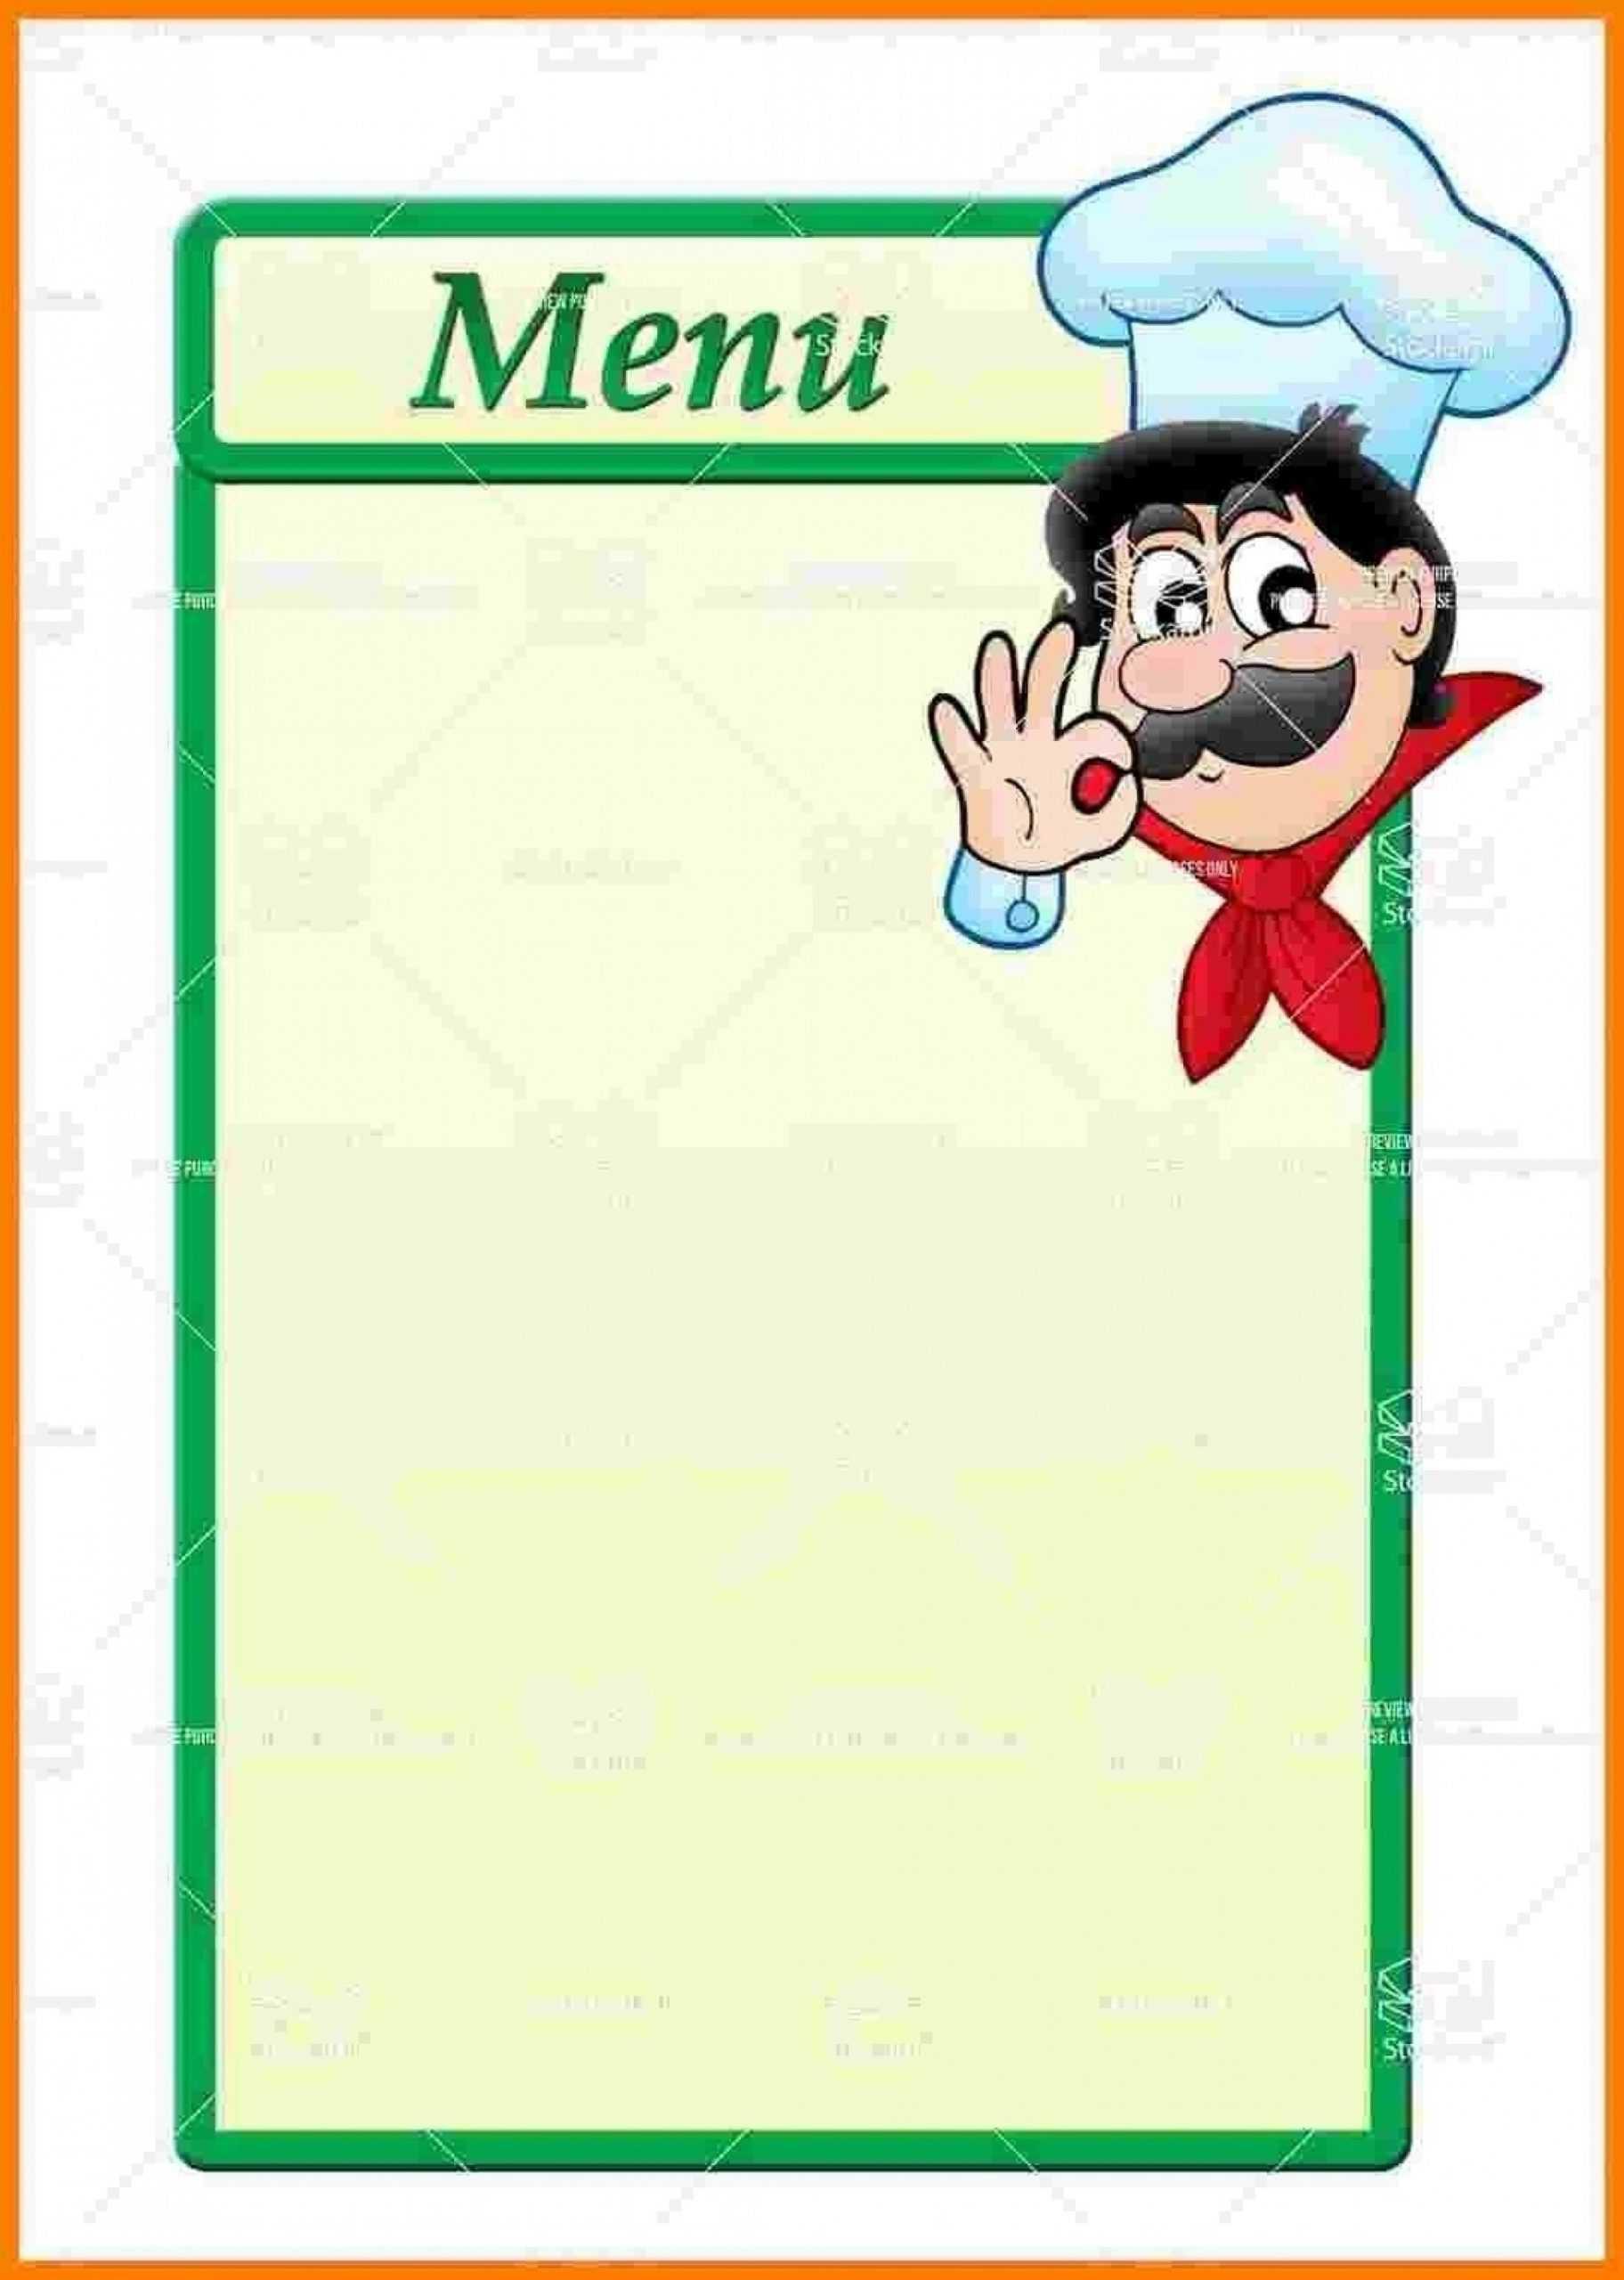 014 Template Ideas Blank Restaurant Menu Filter After Throughout Empty Menu Template